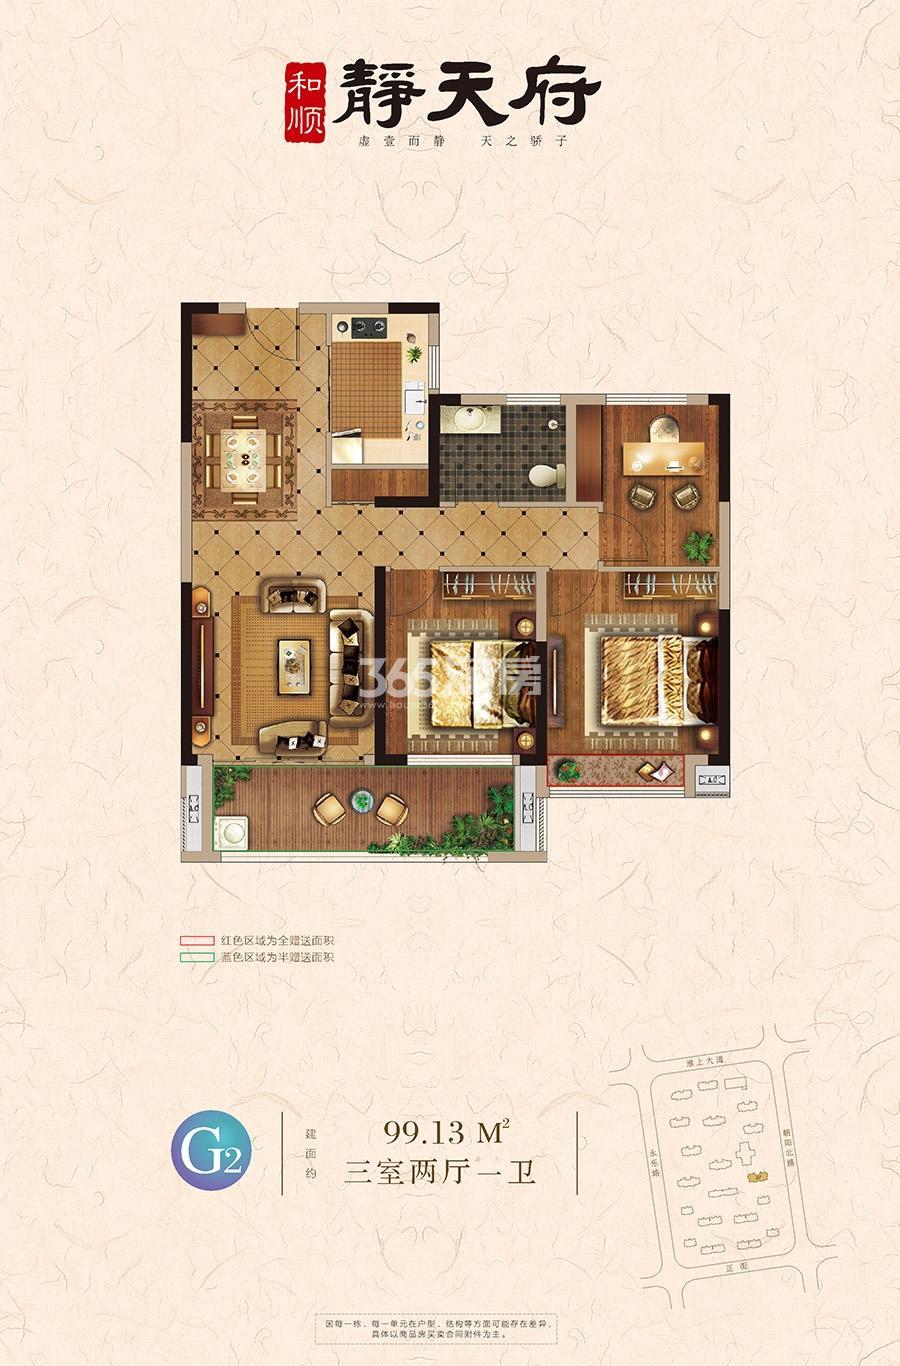 和顺静天府 G2户型 三室两厅一卫 99.12㎡